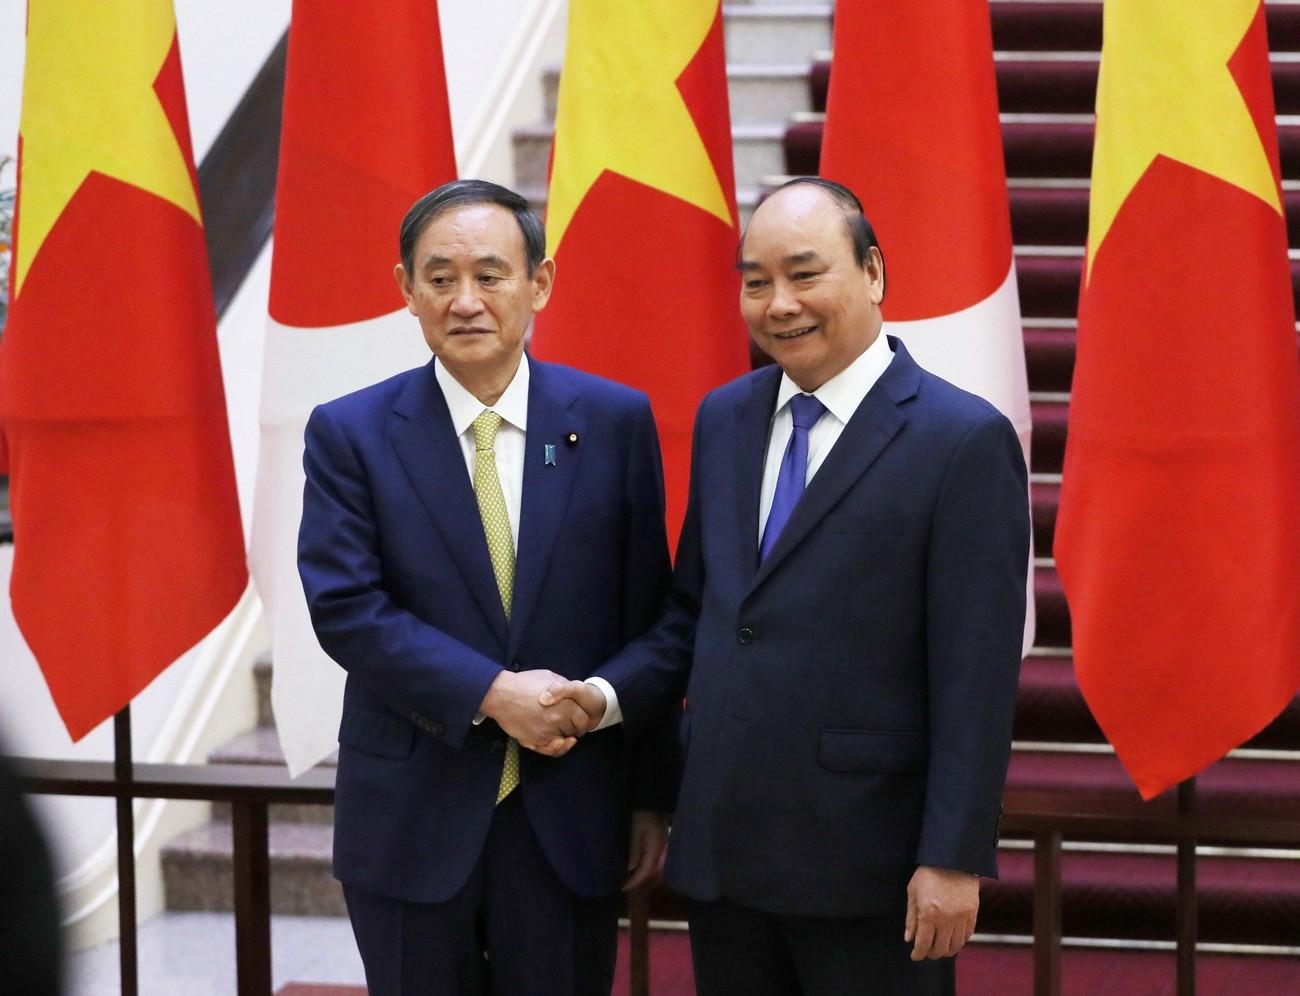 Thủ tướng Nguyễn Xuân Phúc chủ trì lễ đón thủ tướng Nhật Bản Suga Yoshihide ảnh 5